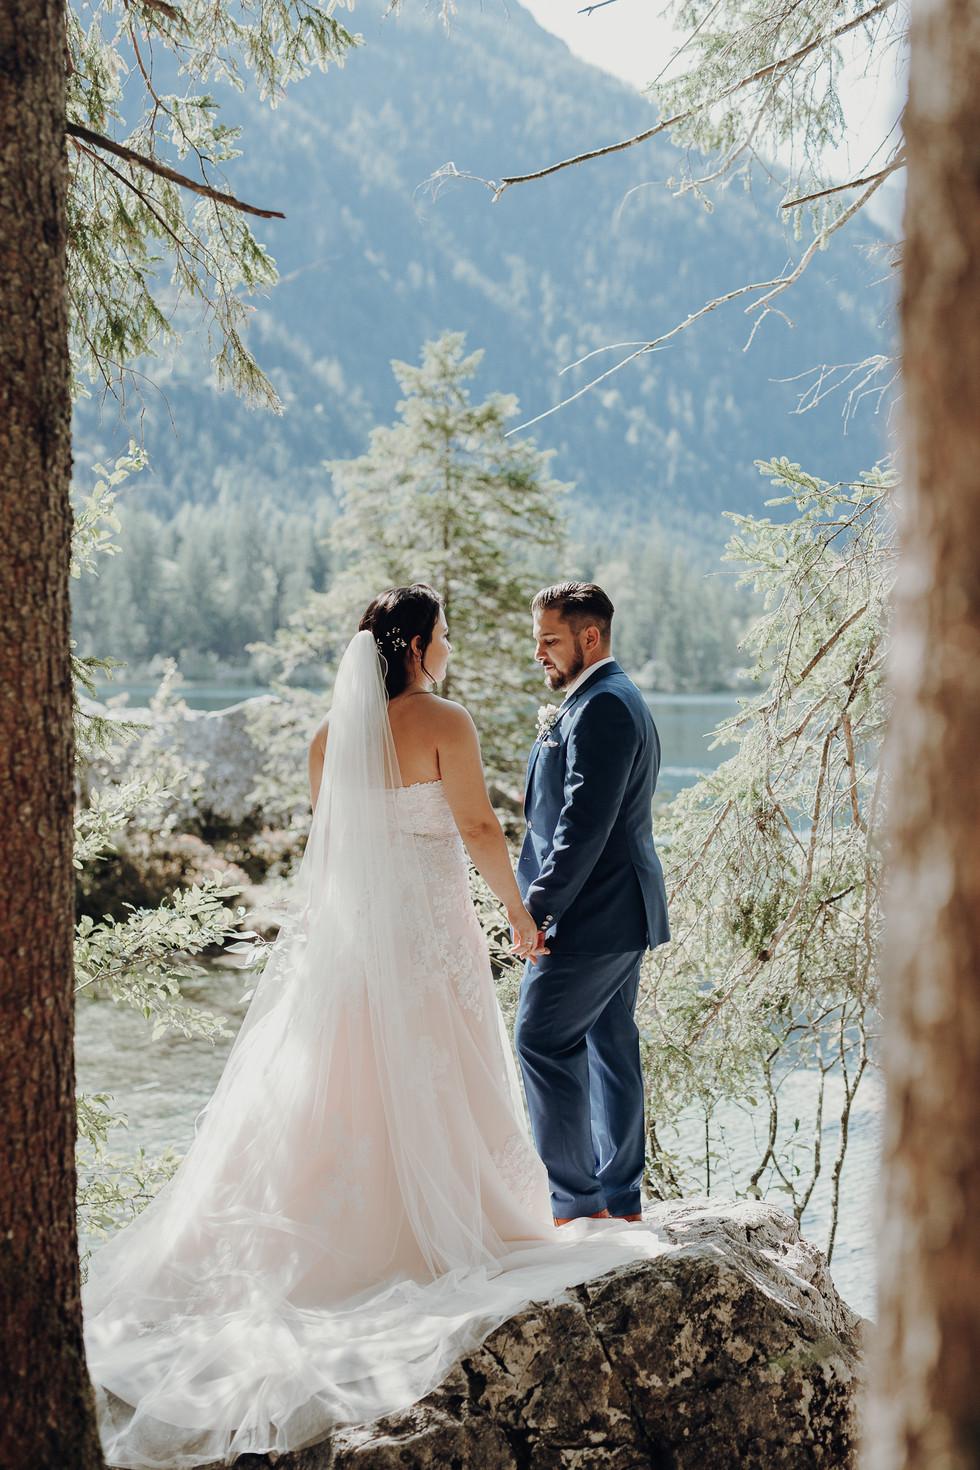 Hochzeitsfotograf in Bayern für tolle Fotos engagieren